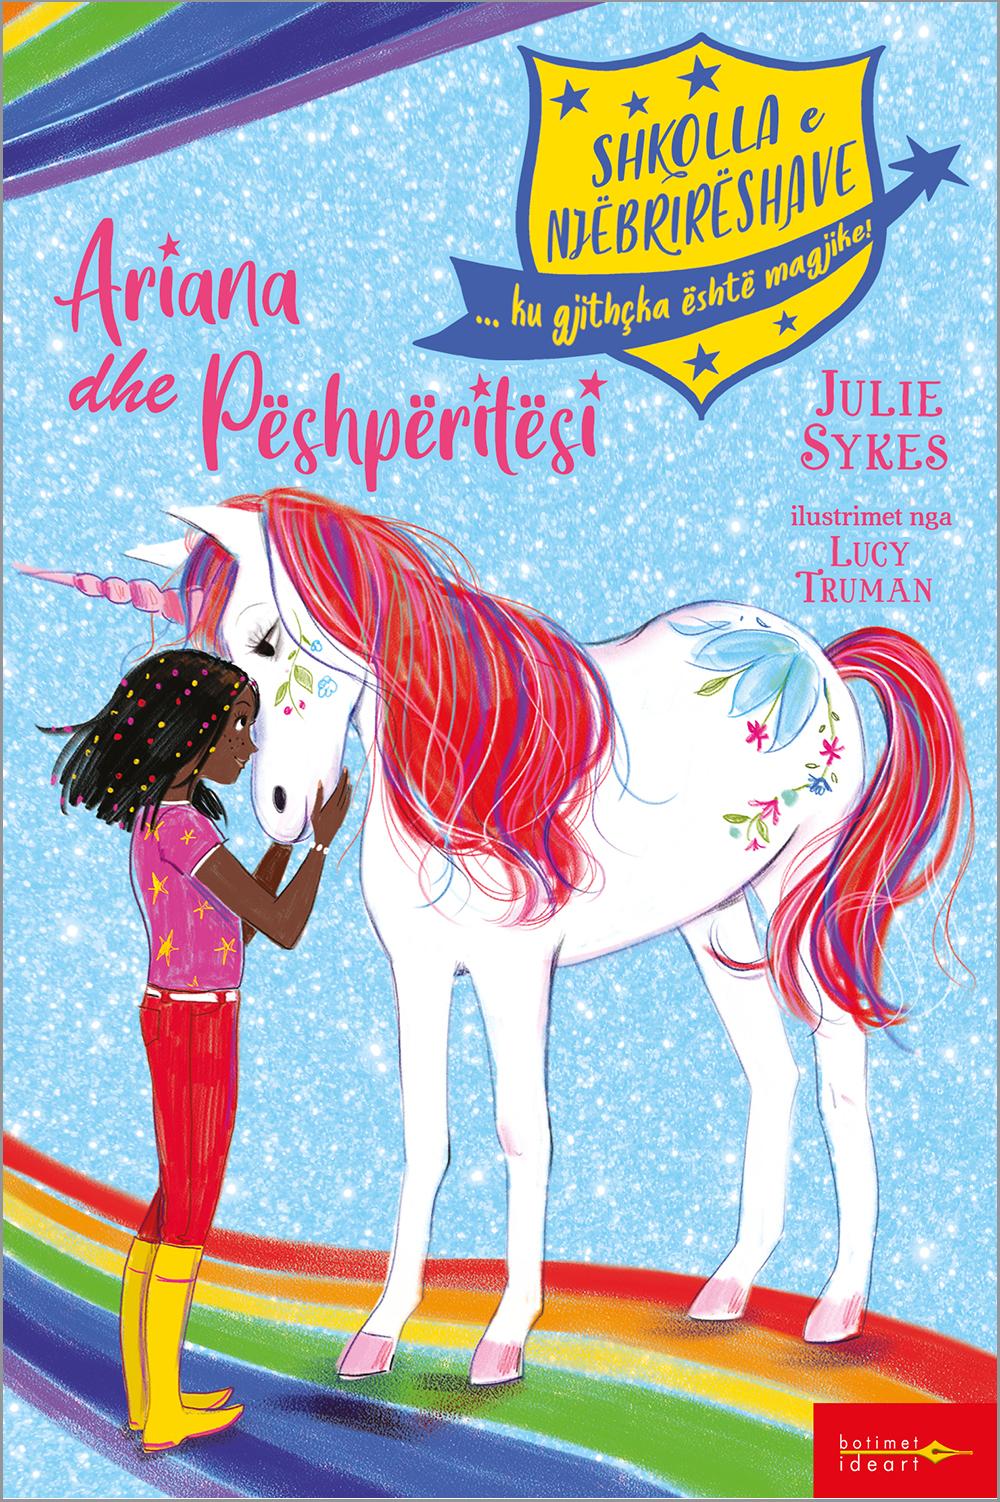 Shkolla e Njëbrirëshave - Ariana dhe Pëshpëritësi